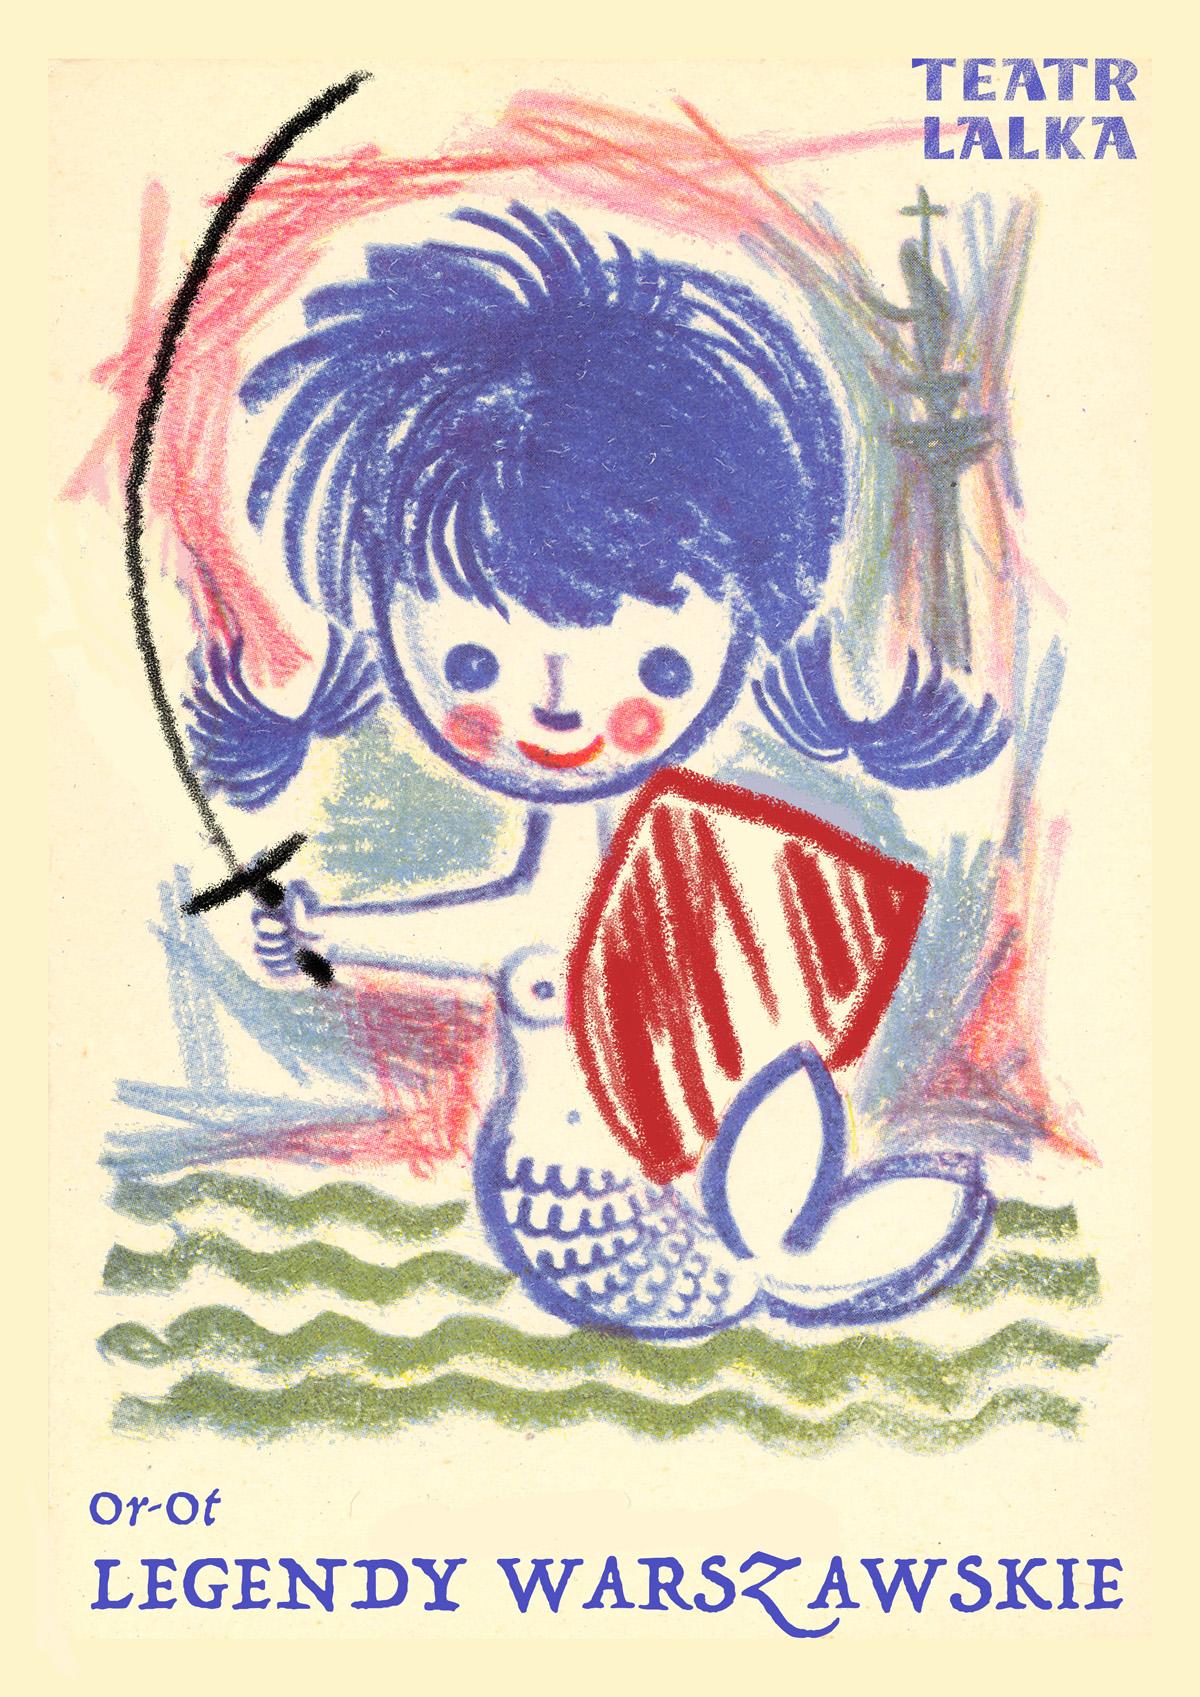 Plakat przedstawiający narysowaną Warszawską Syrenkę – kobietę, która zamiast nóg ma płetwę ryby. W rękach trzyma tarcze i miecz.